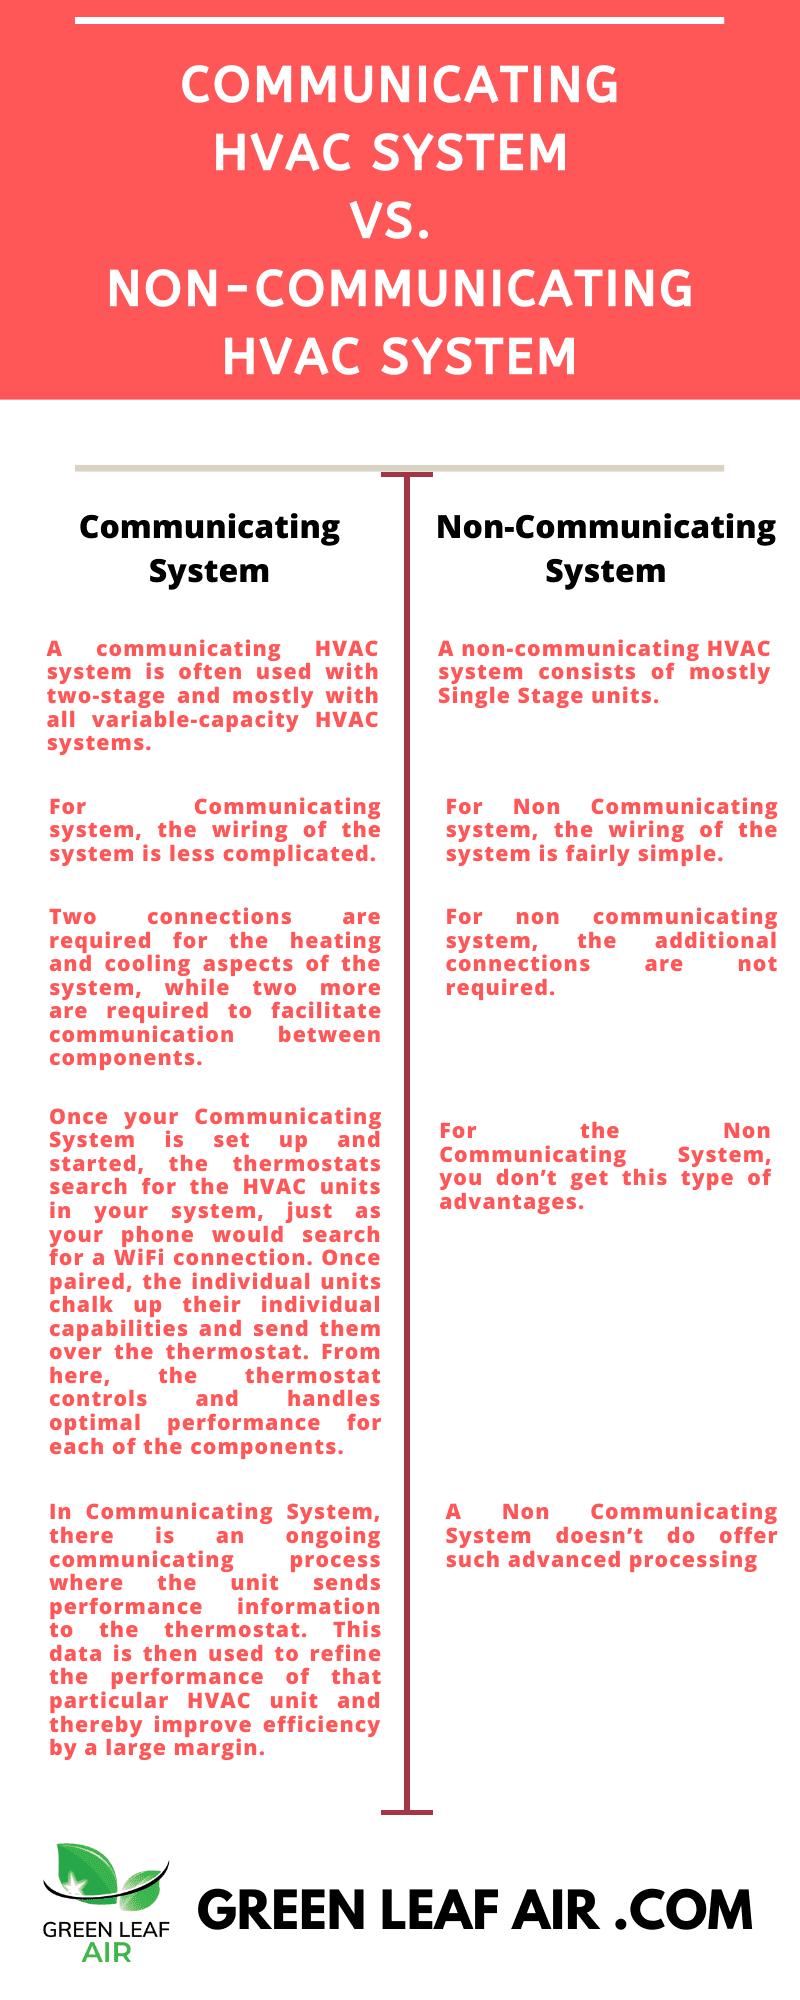 Communicating HVAC System vs. Non-Communicating HVAC System